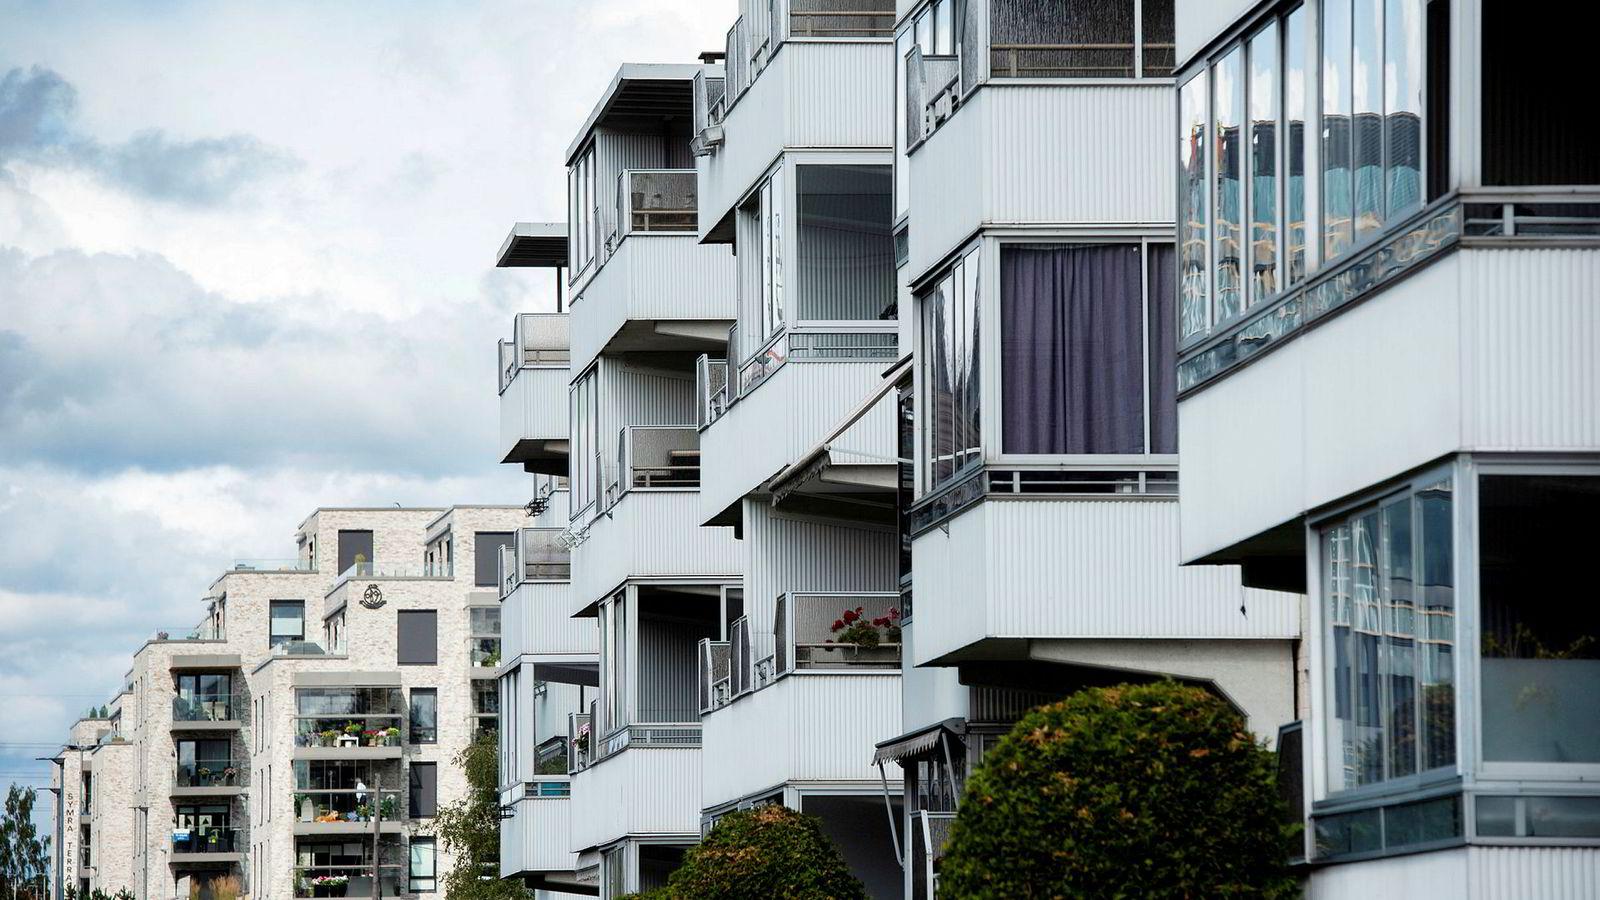 Forbrukerrådet støtter innstramninger på boliglån. Her Obos-leiligheter på Lambertseter i Oslo.